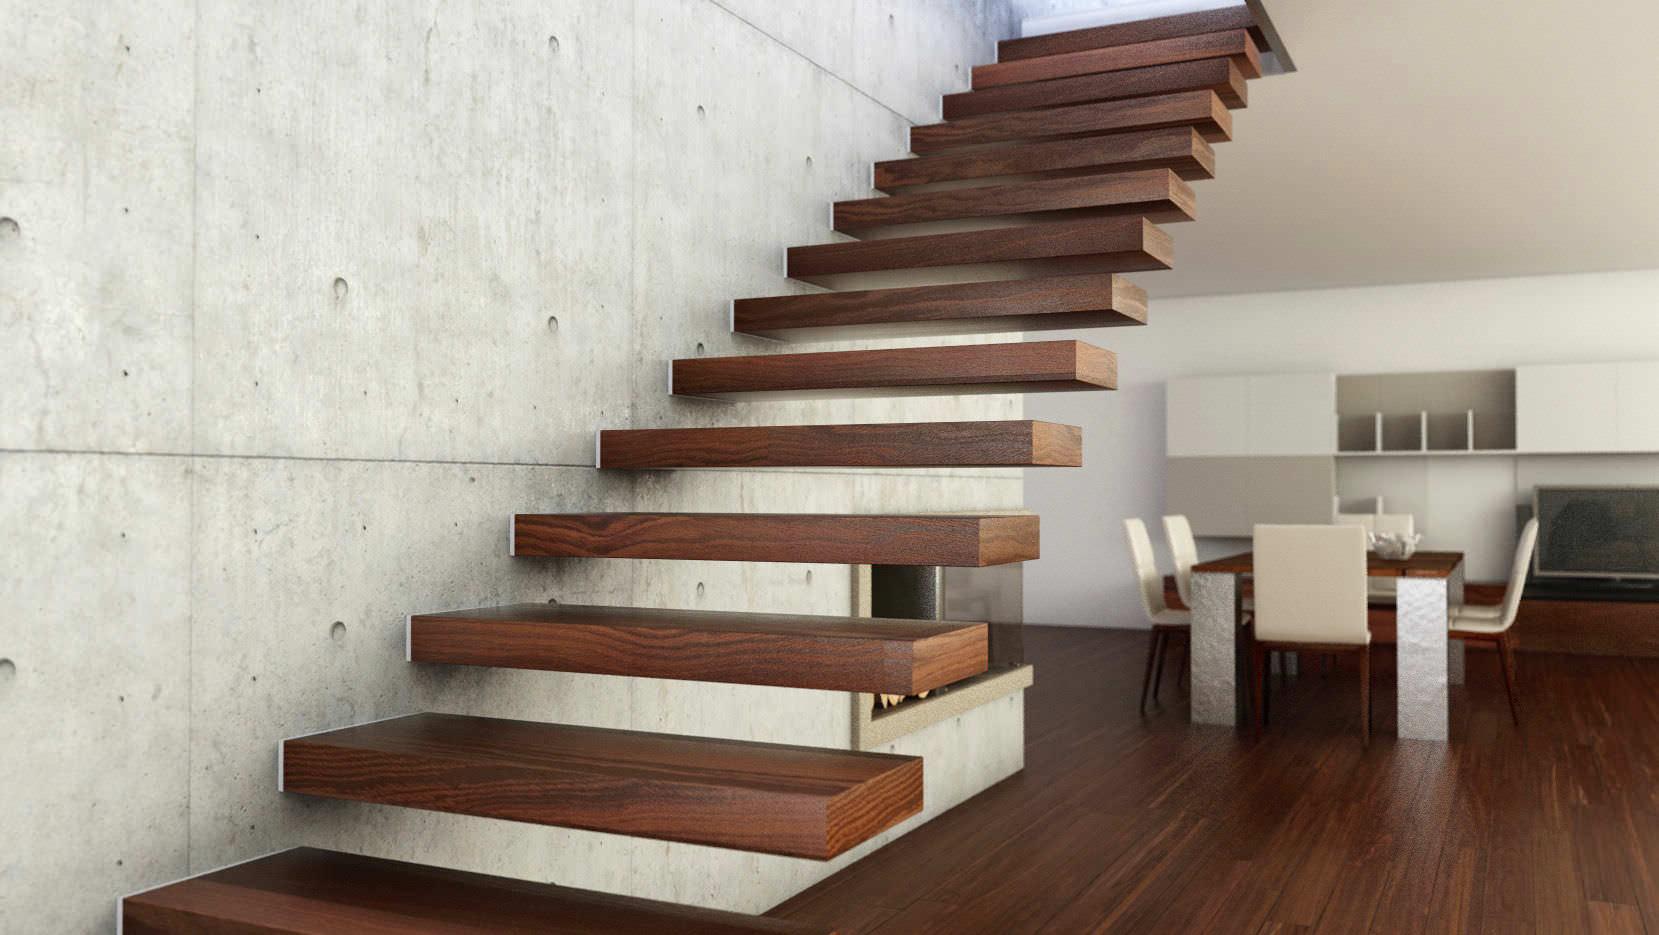 Gerade Treppe / Holzstufen / ohne Setzstufe / modern - 800 - Interbau